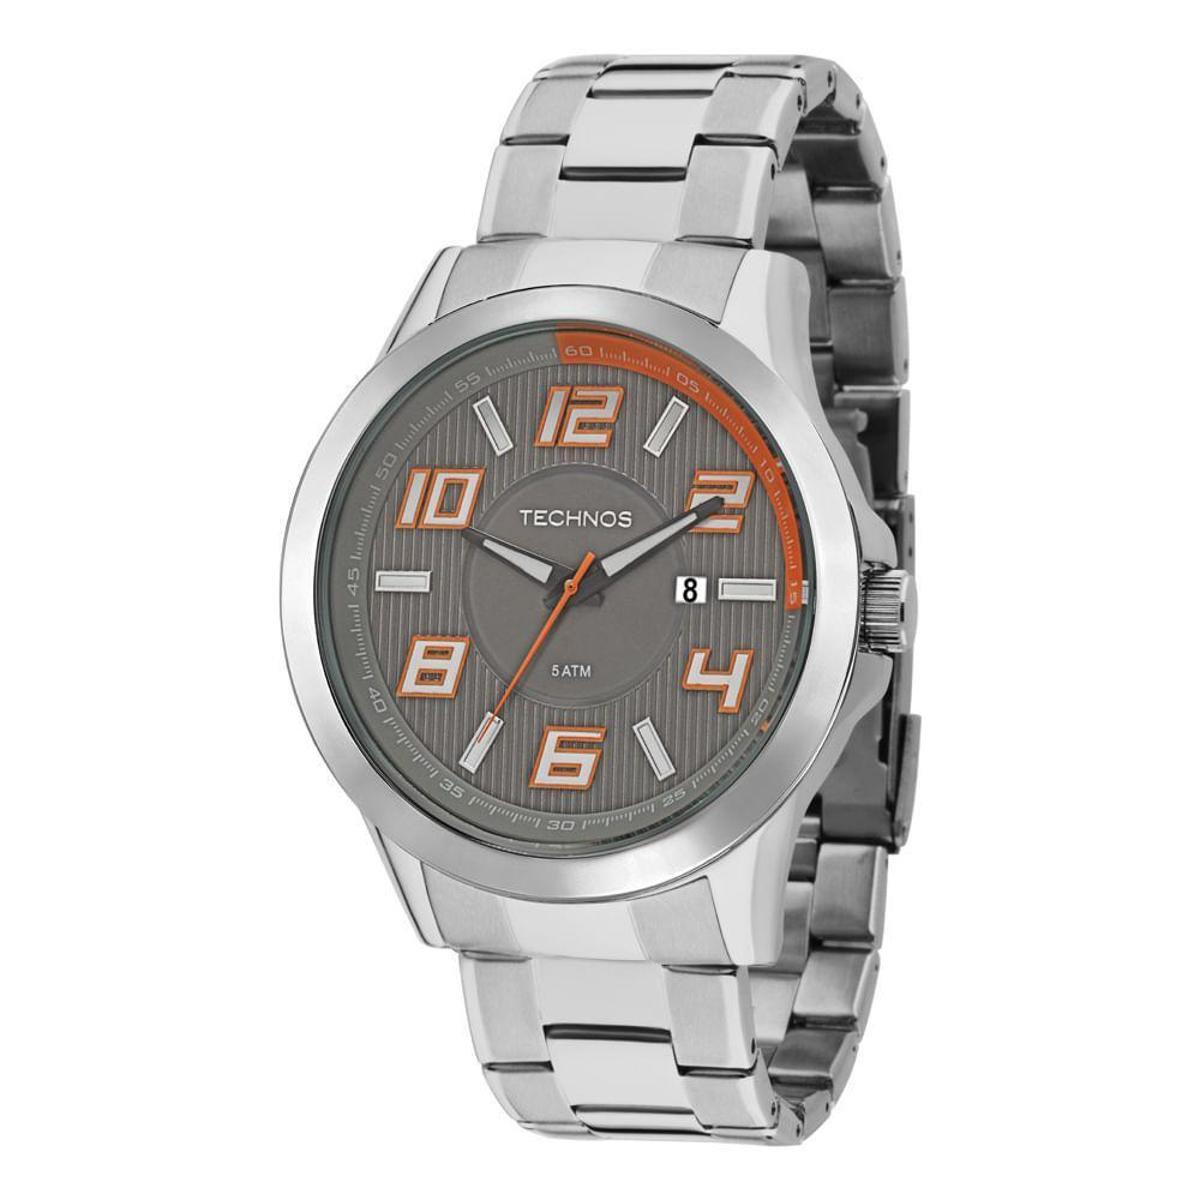 27e482cb1adf9 Relógio Technos Masculino - 2115KNE 1L 2115KNE 1L - Compre Agora ...